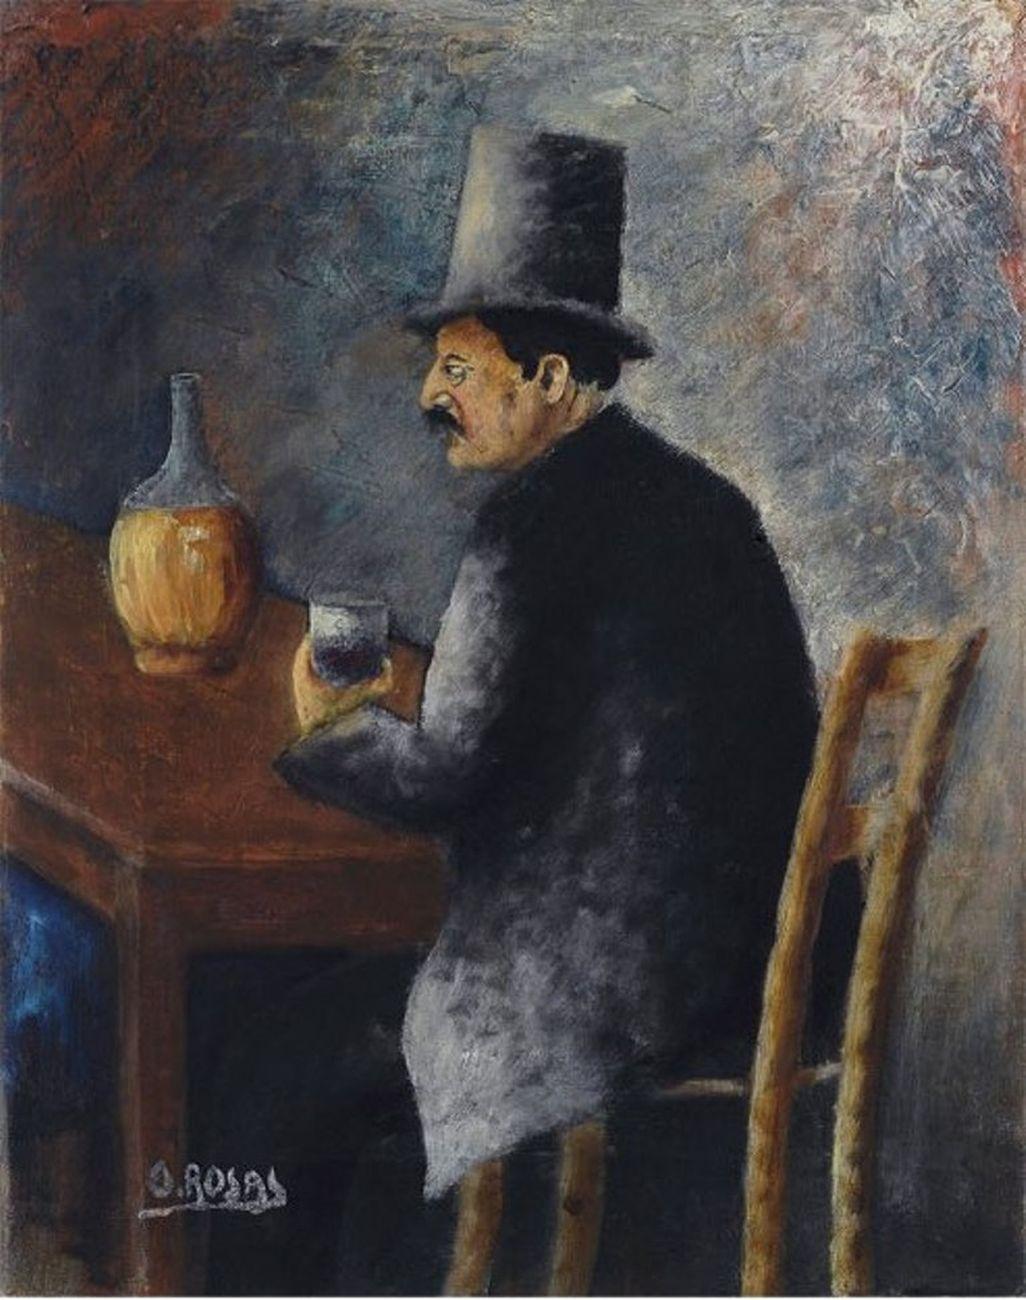 Ottone Rosai, Fiaccheraio, 1927